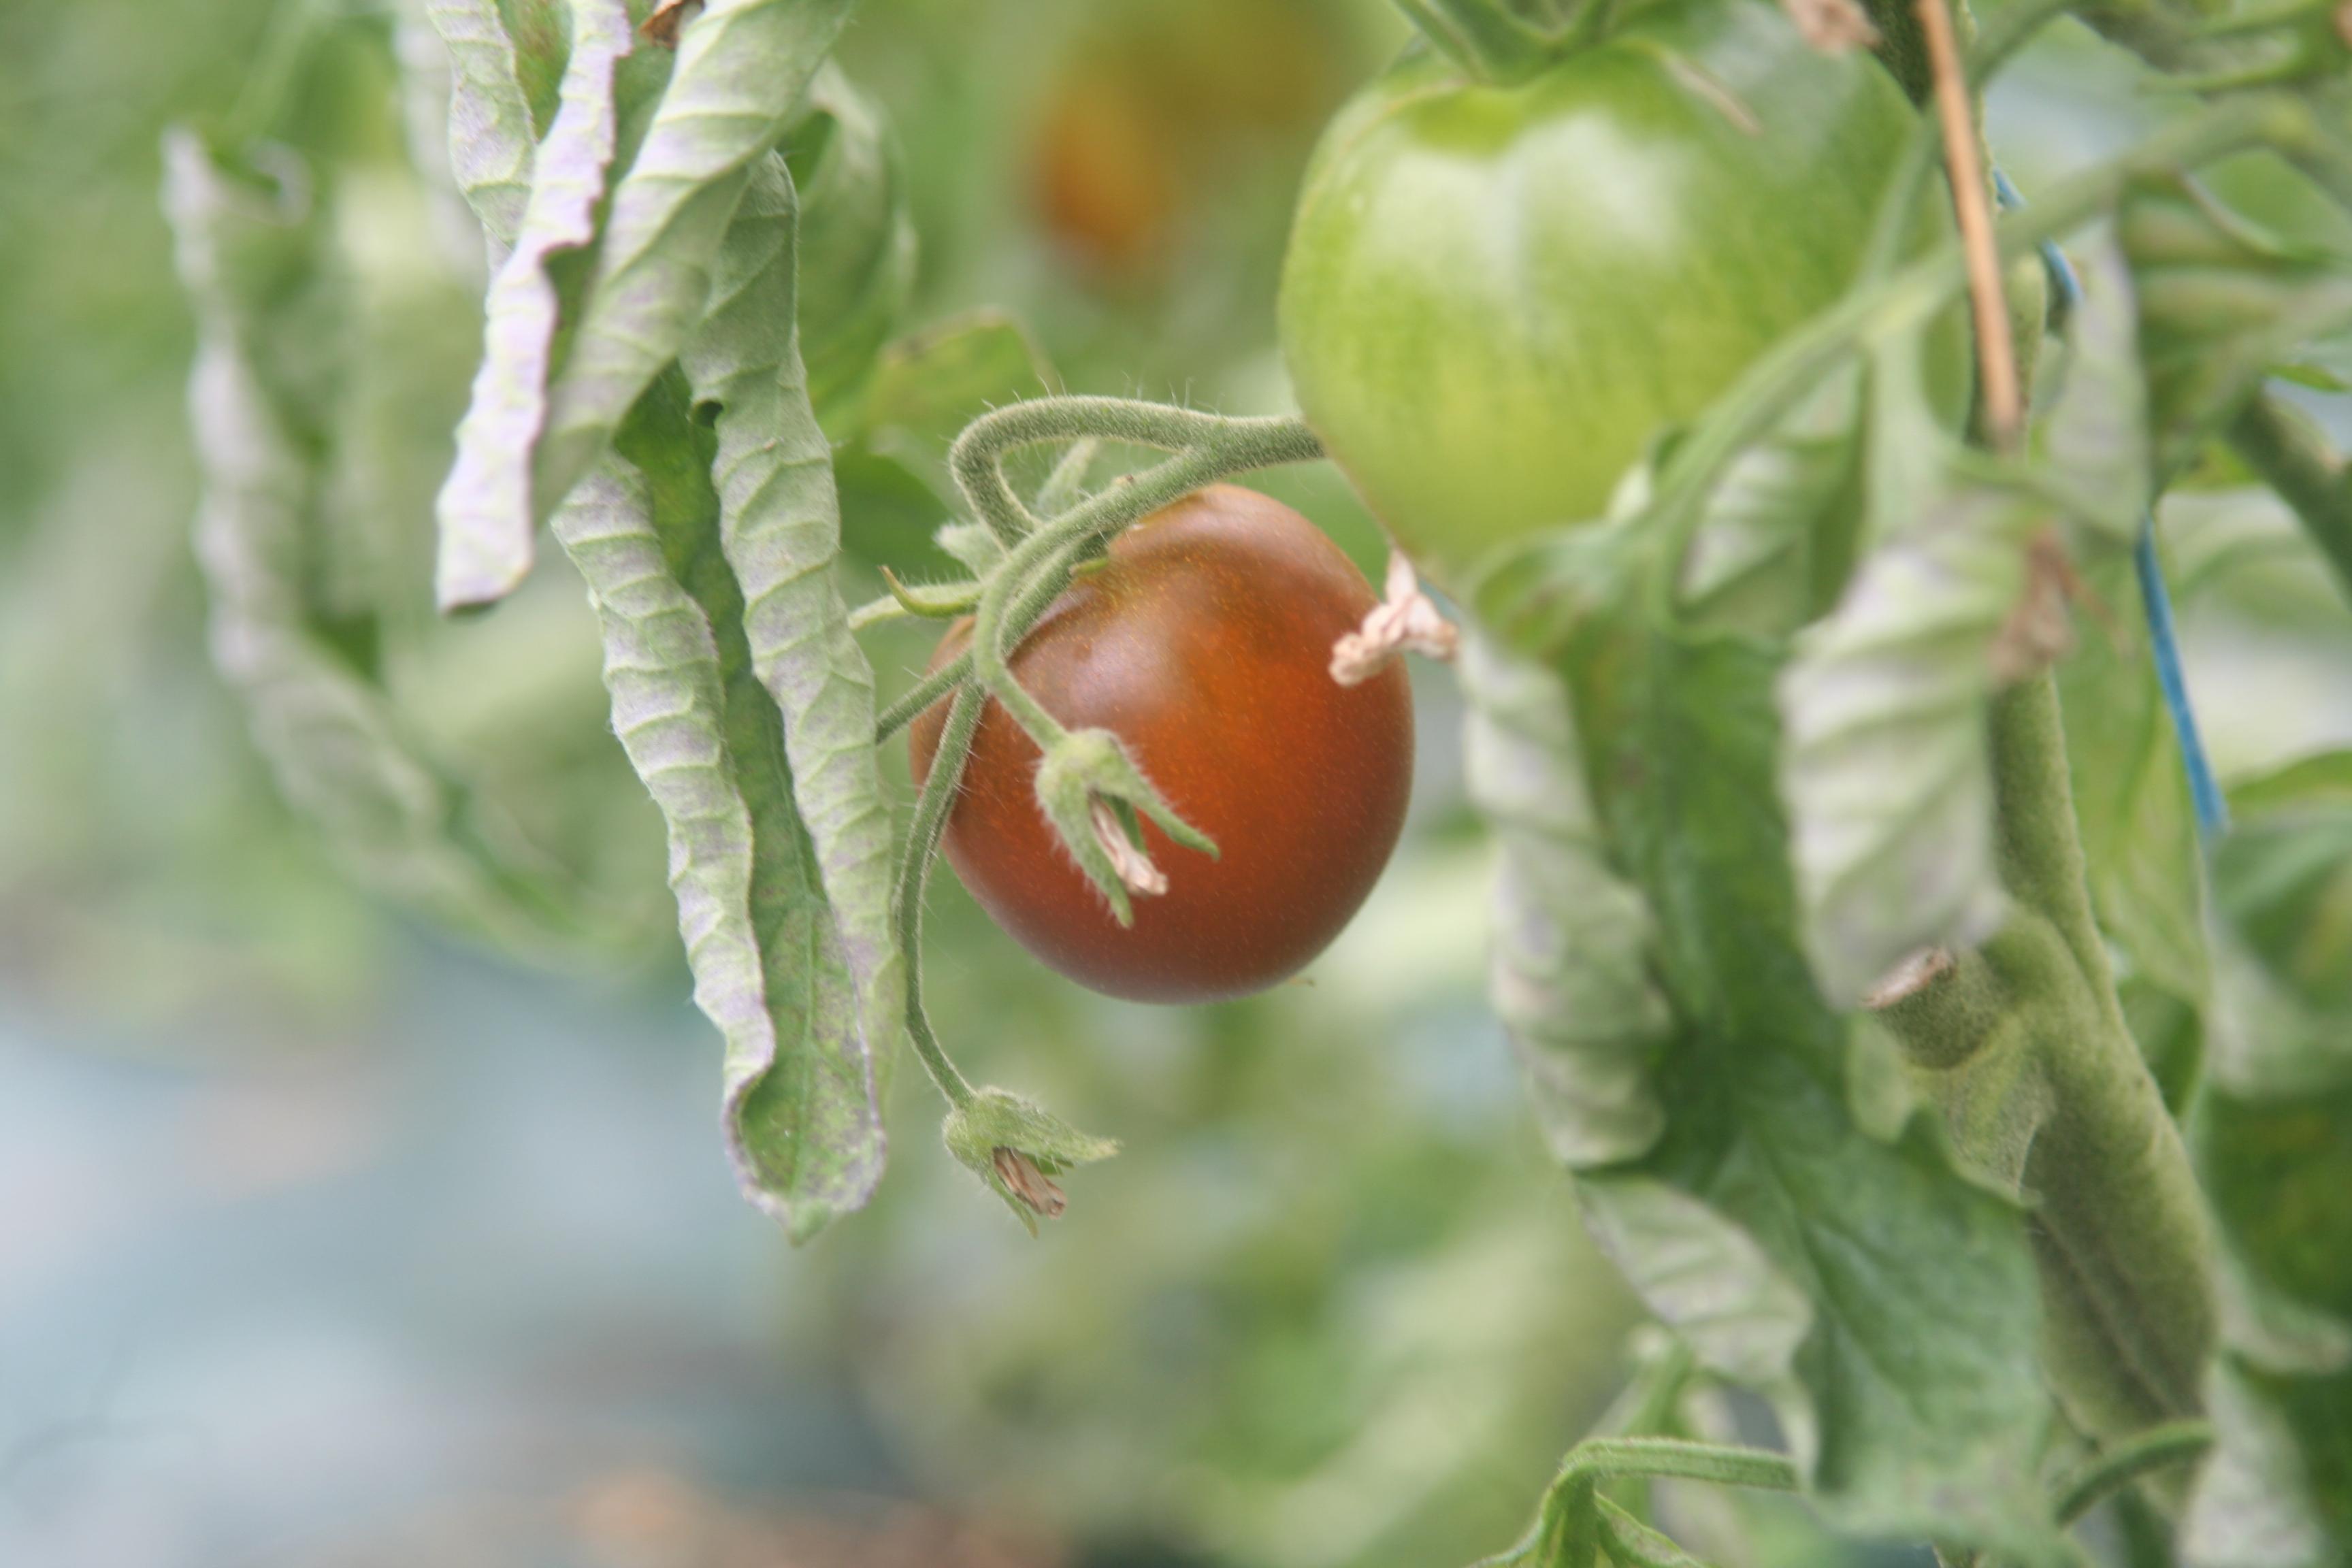 bien sûr on fait des tomates, à la saison.